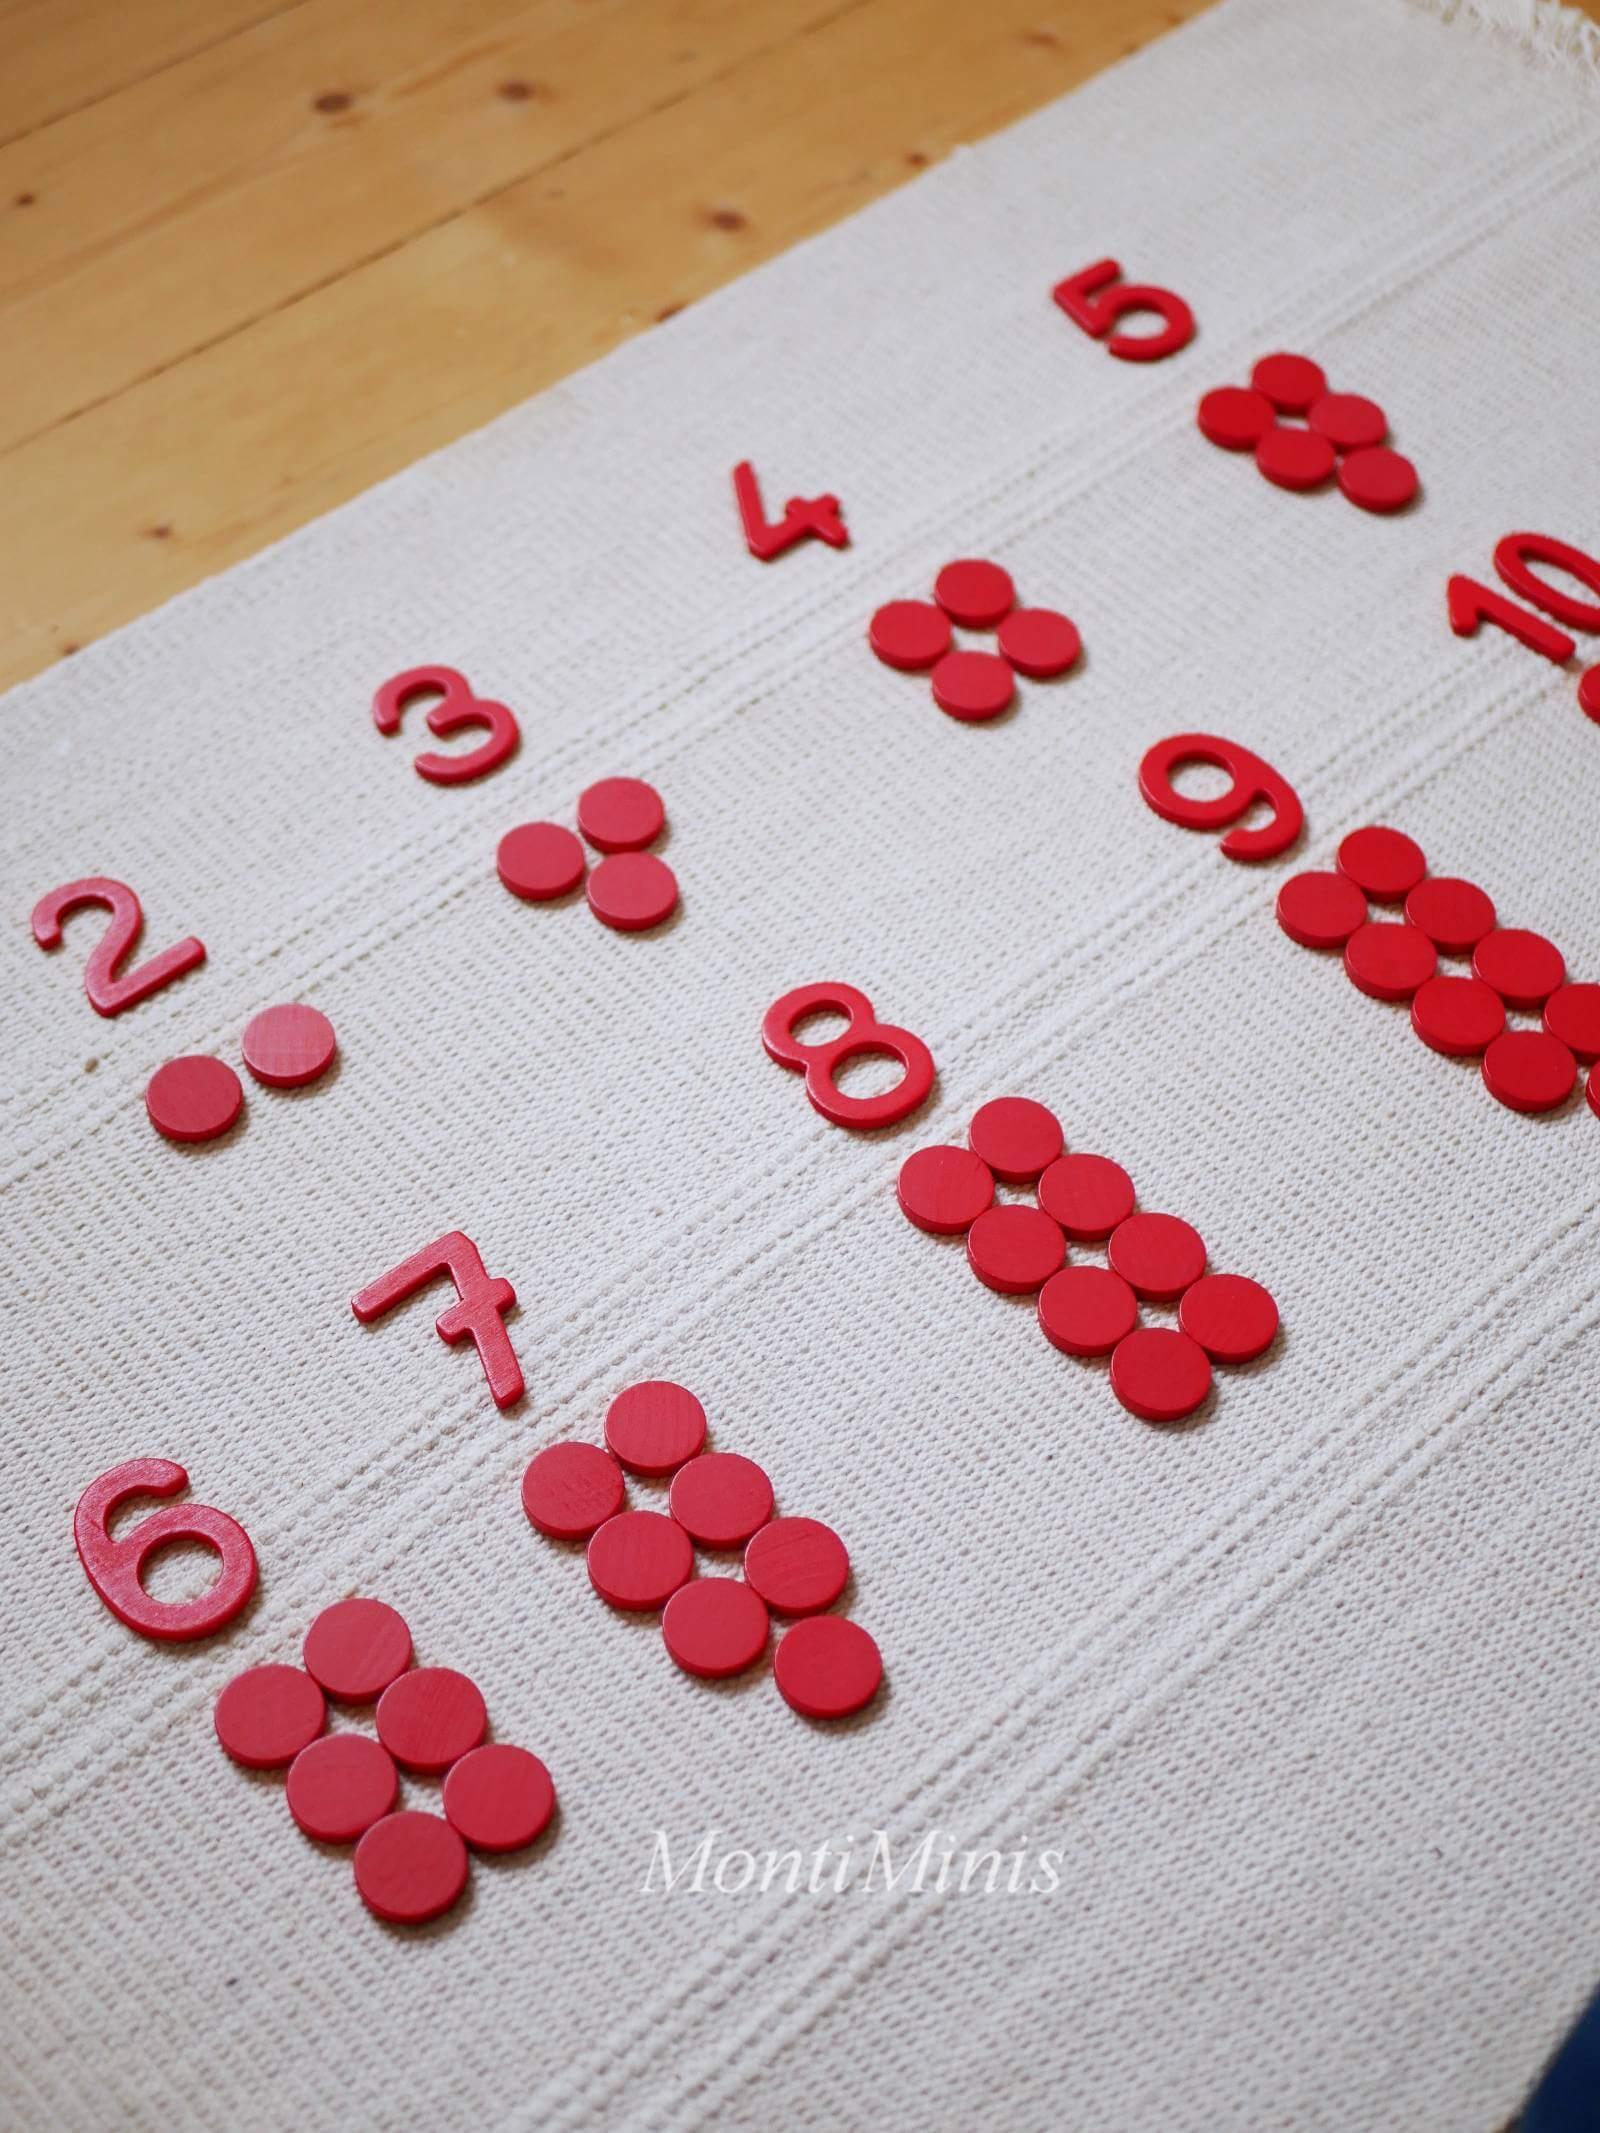 Mathematik-Aktionstablett: Montessori Ziffern und Chips-Mathe-Spielideen- Spielerisch lernen, Montessori Zuhause, Unterrichtsmaterial, Kindergarten, Vorschule & Grundschule- montiminis.com